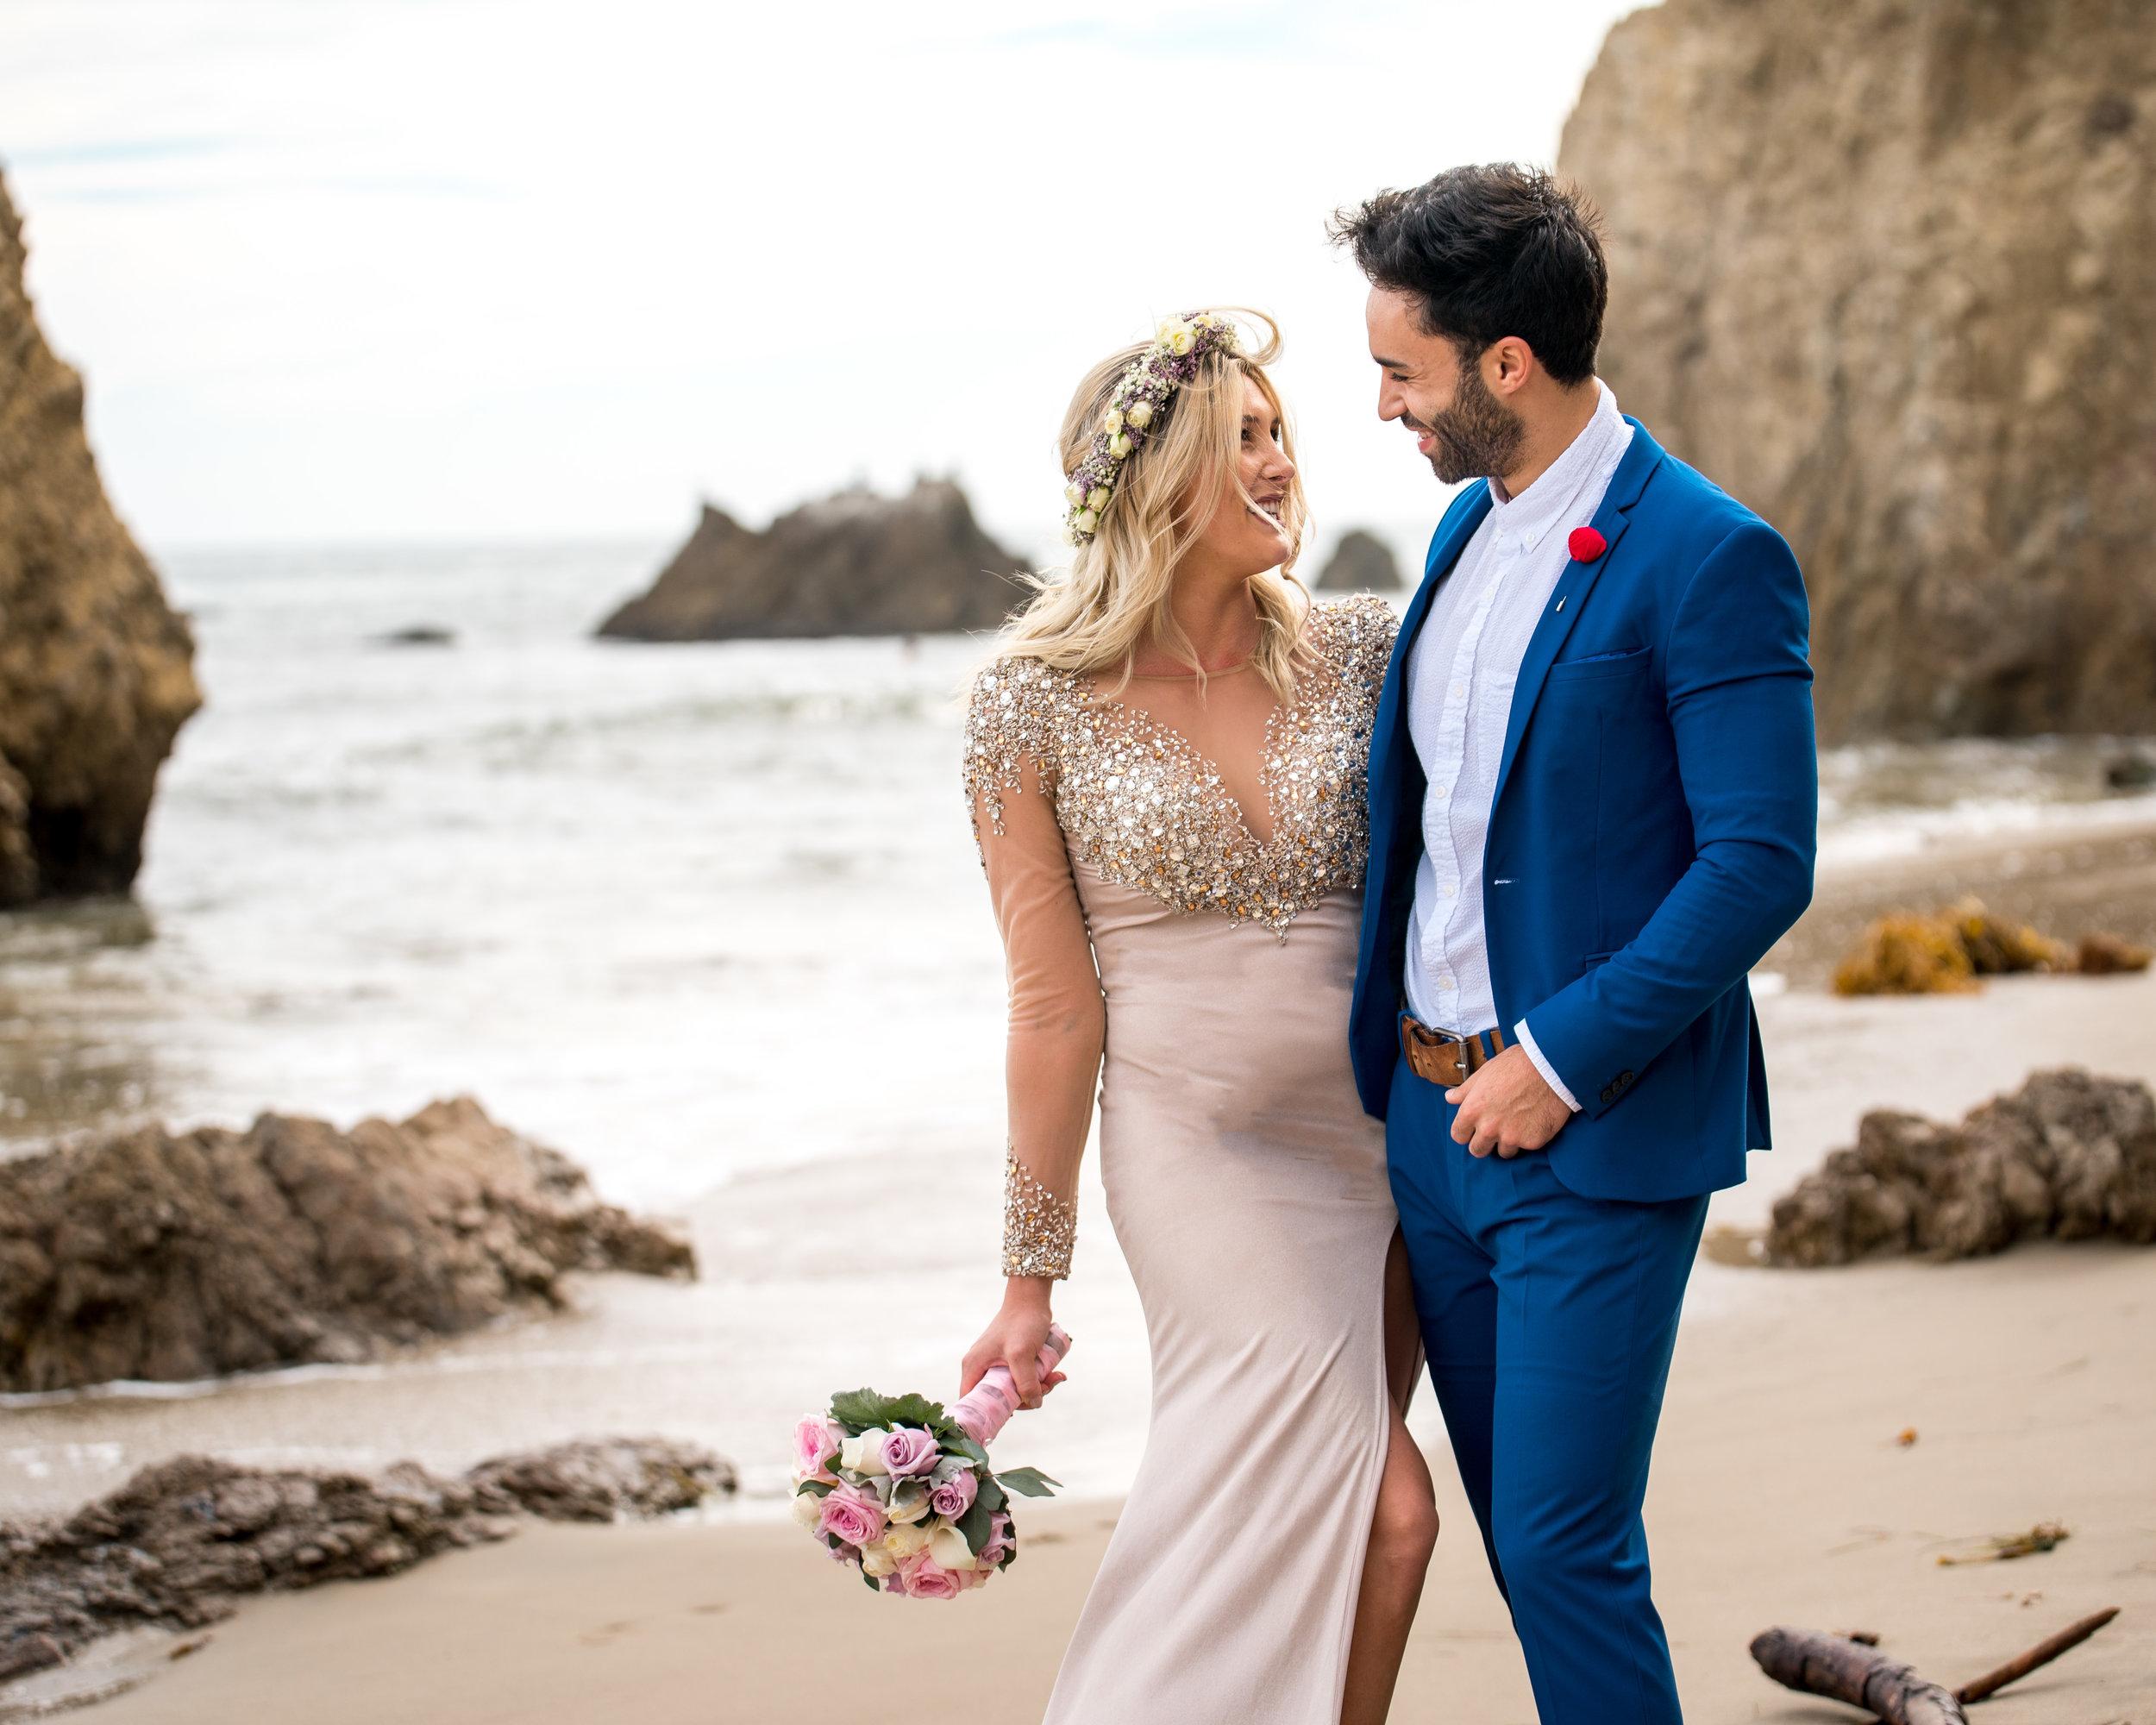 WeddingPortfolio2019-19-Edit.JPG